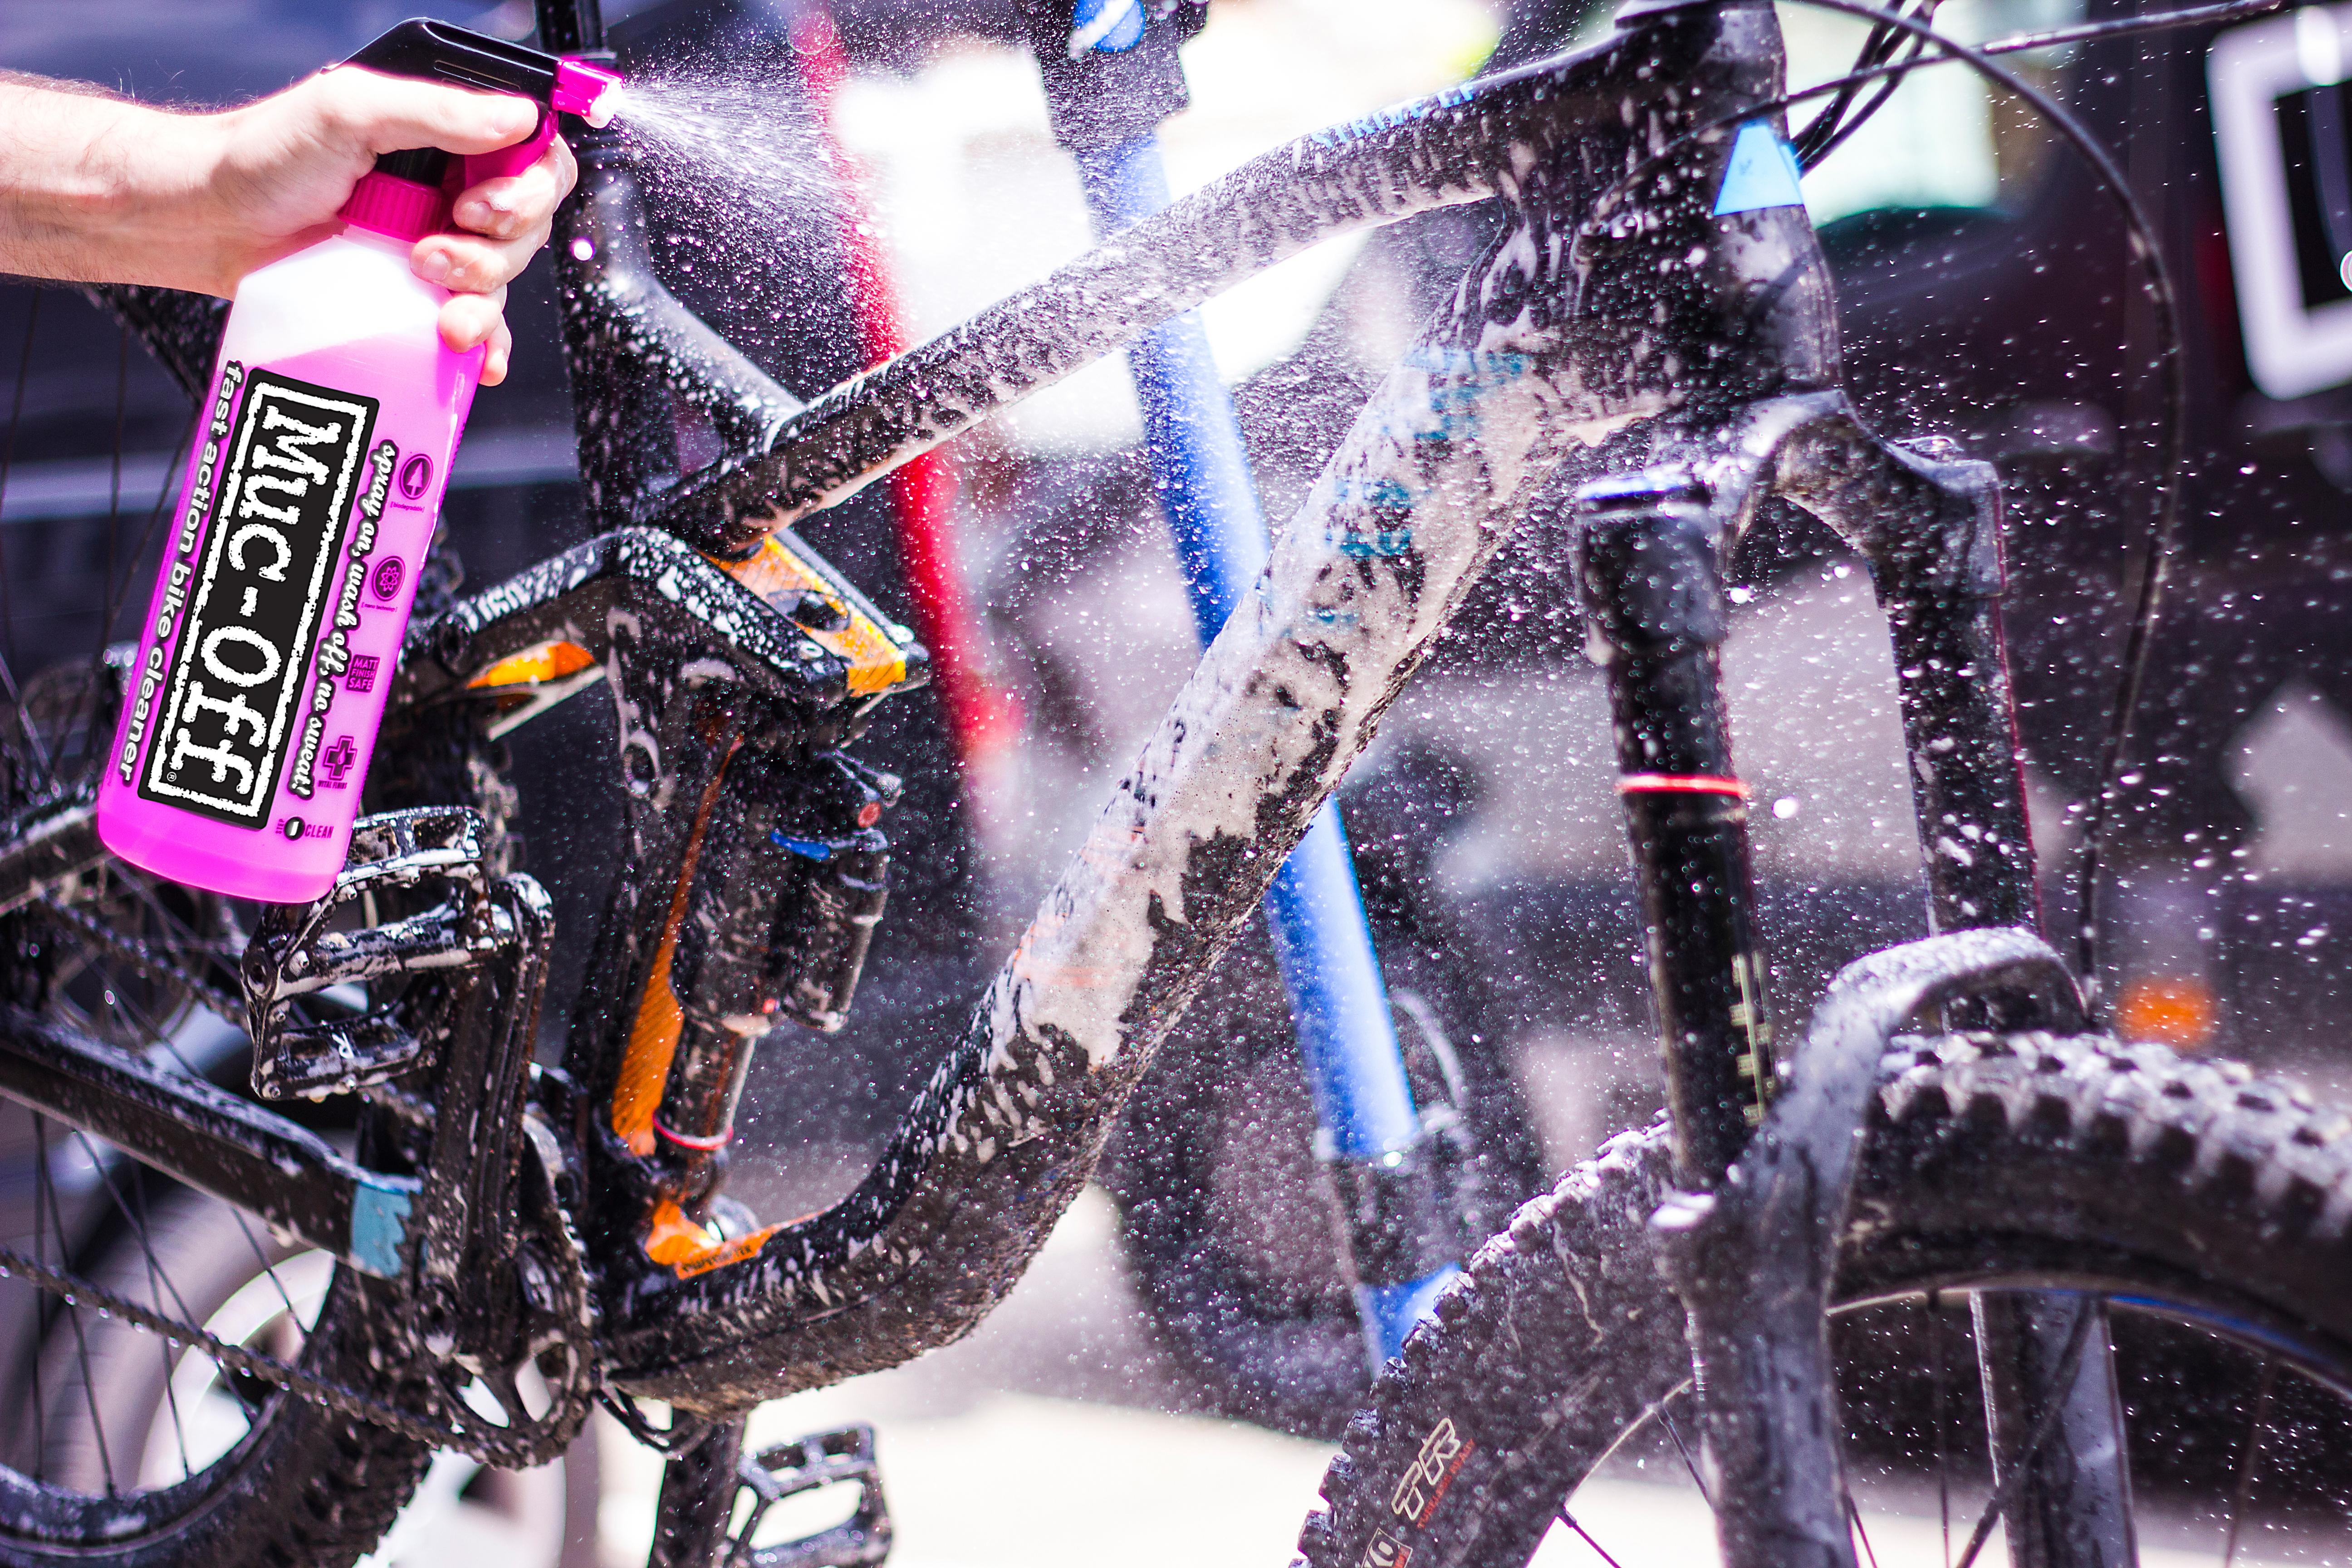 Mountainbike wird mit Muc-Off Bike Cleaner gereinigt.